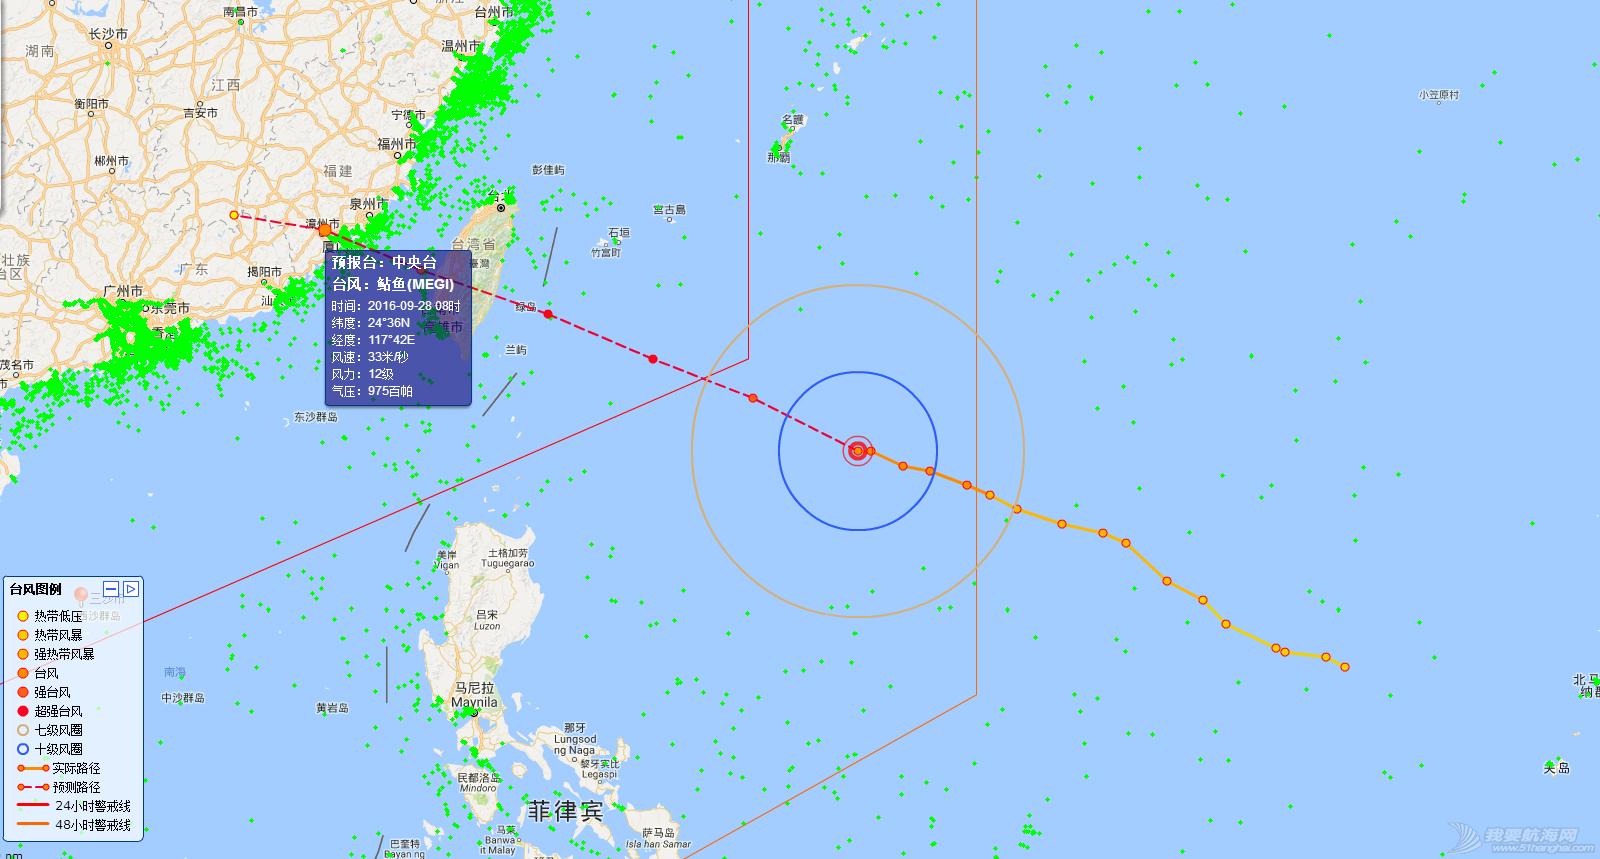 台湾,台风,气象,鲇鱼,MEGI 台风鲇鱼28日将越过台湾登陆大陆 鲇鱼20160925